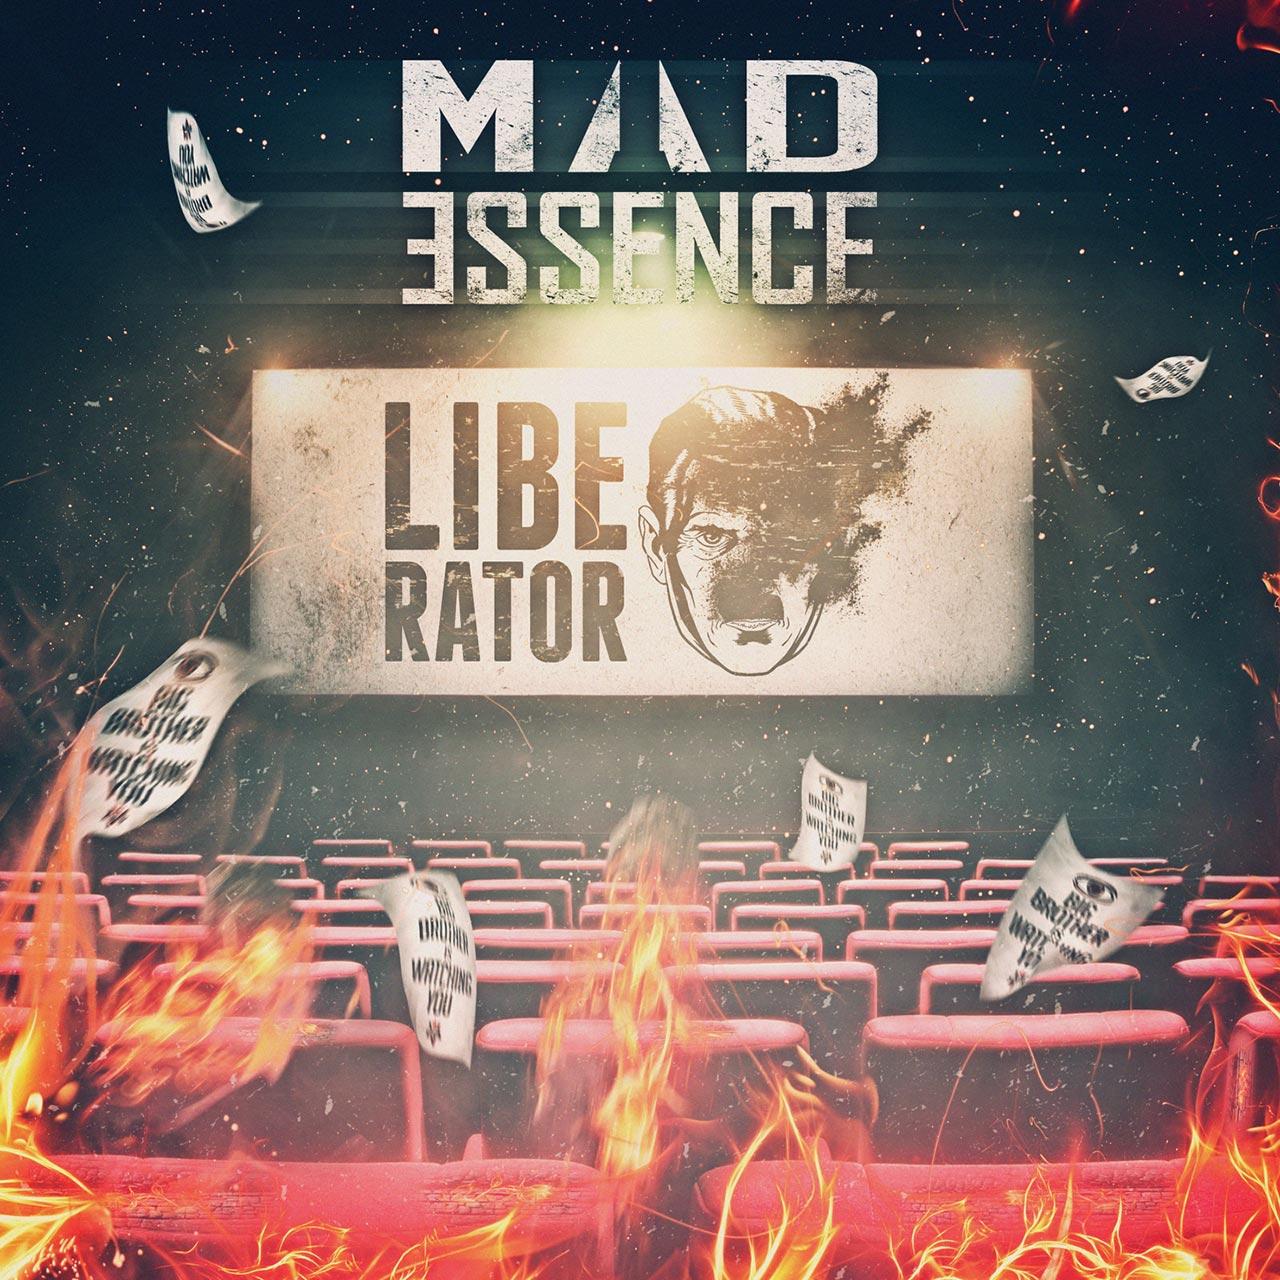 Mad Essence - Liberator (2015)